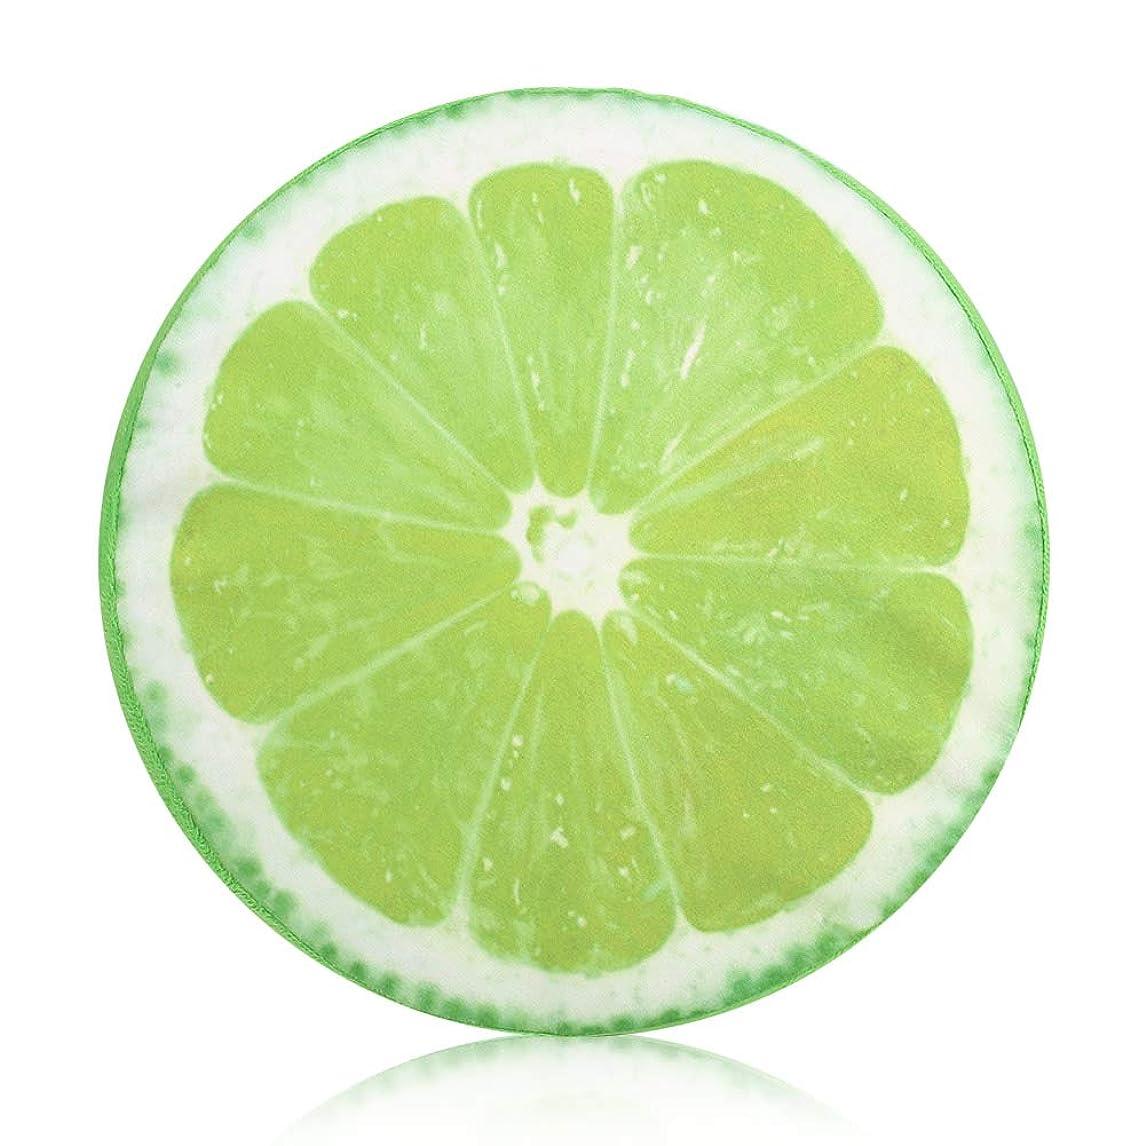 ラップトップ昆虫ナイトスポットフルーツ柄クッション 通気性 洗える 涼しい クッション ヌードクッション 座布団 低反発 32*32CM,レモン